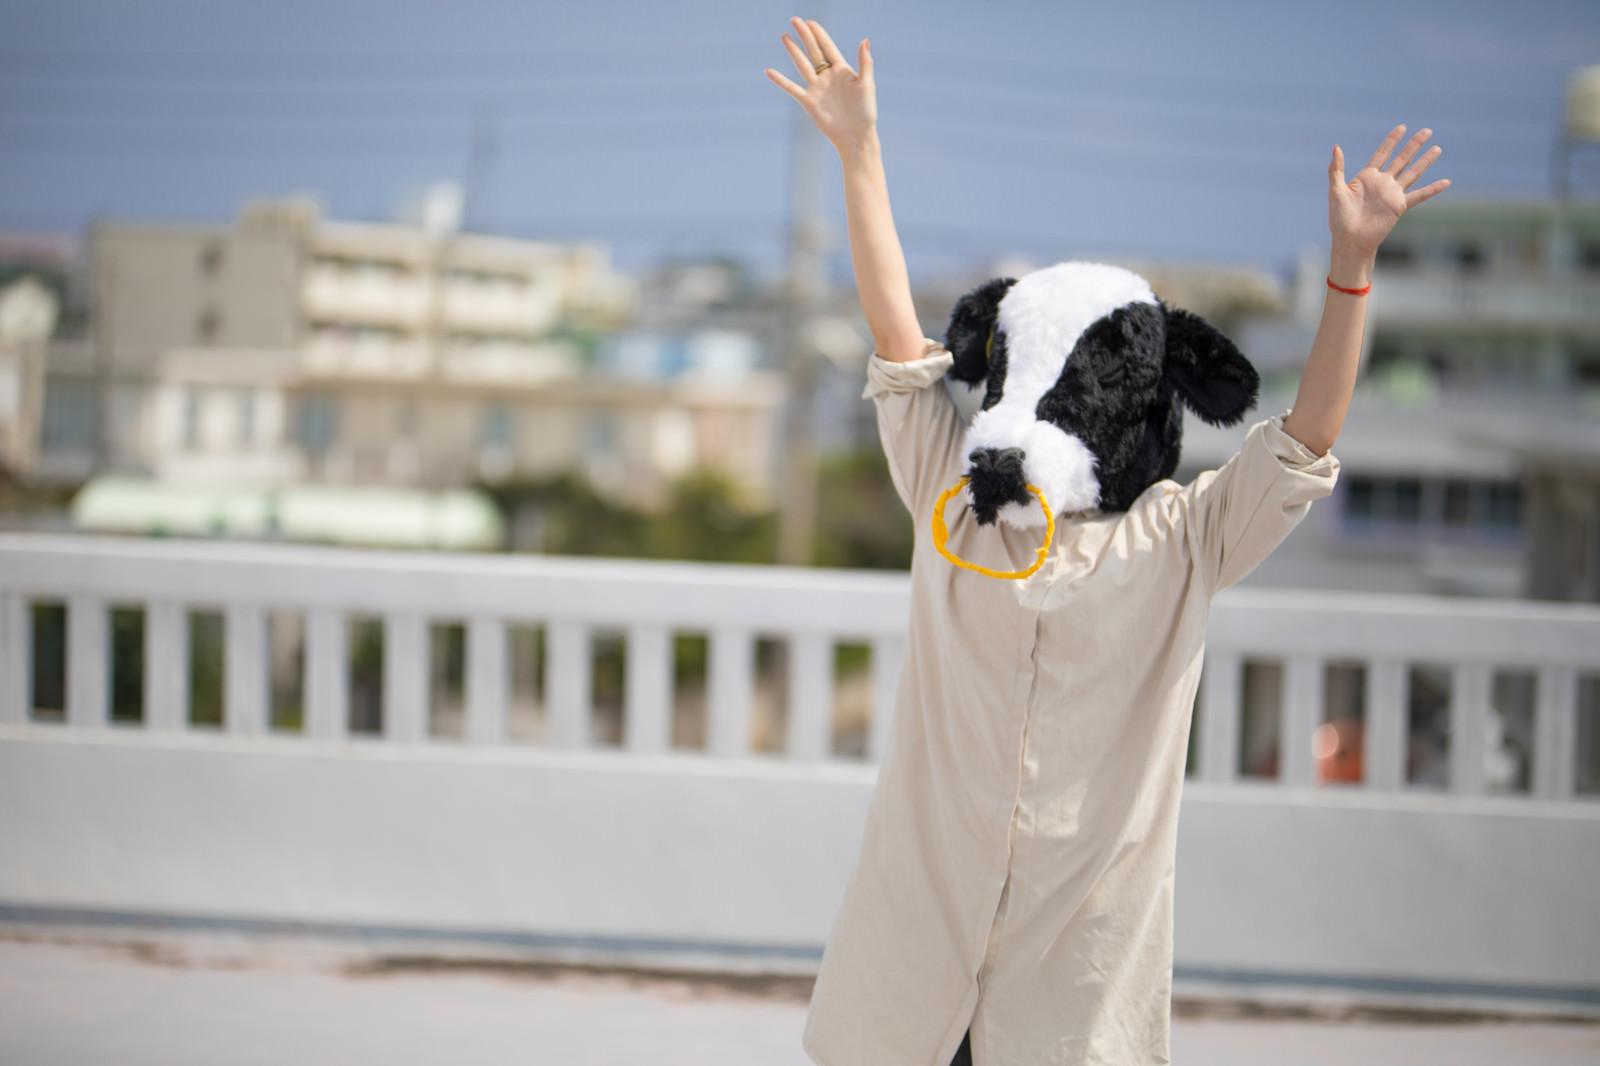 「不審者扱いされ両手を挙げる牛ガール」の写真[モデル:古性のっち]